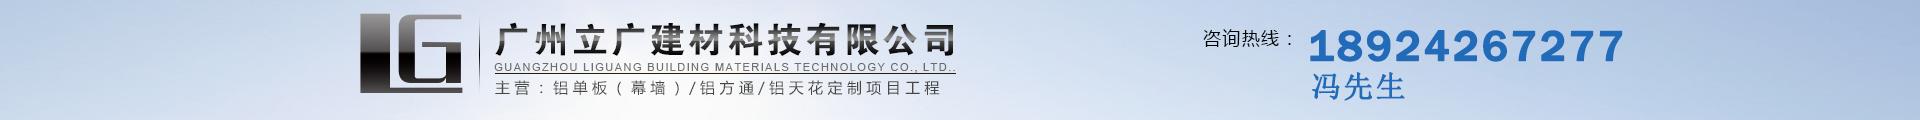 广州立广建材科技有限公司